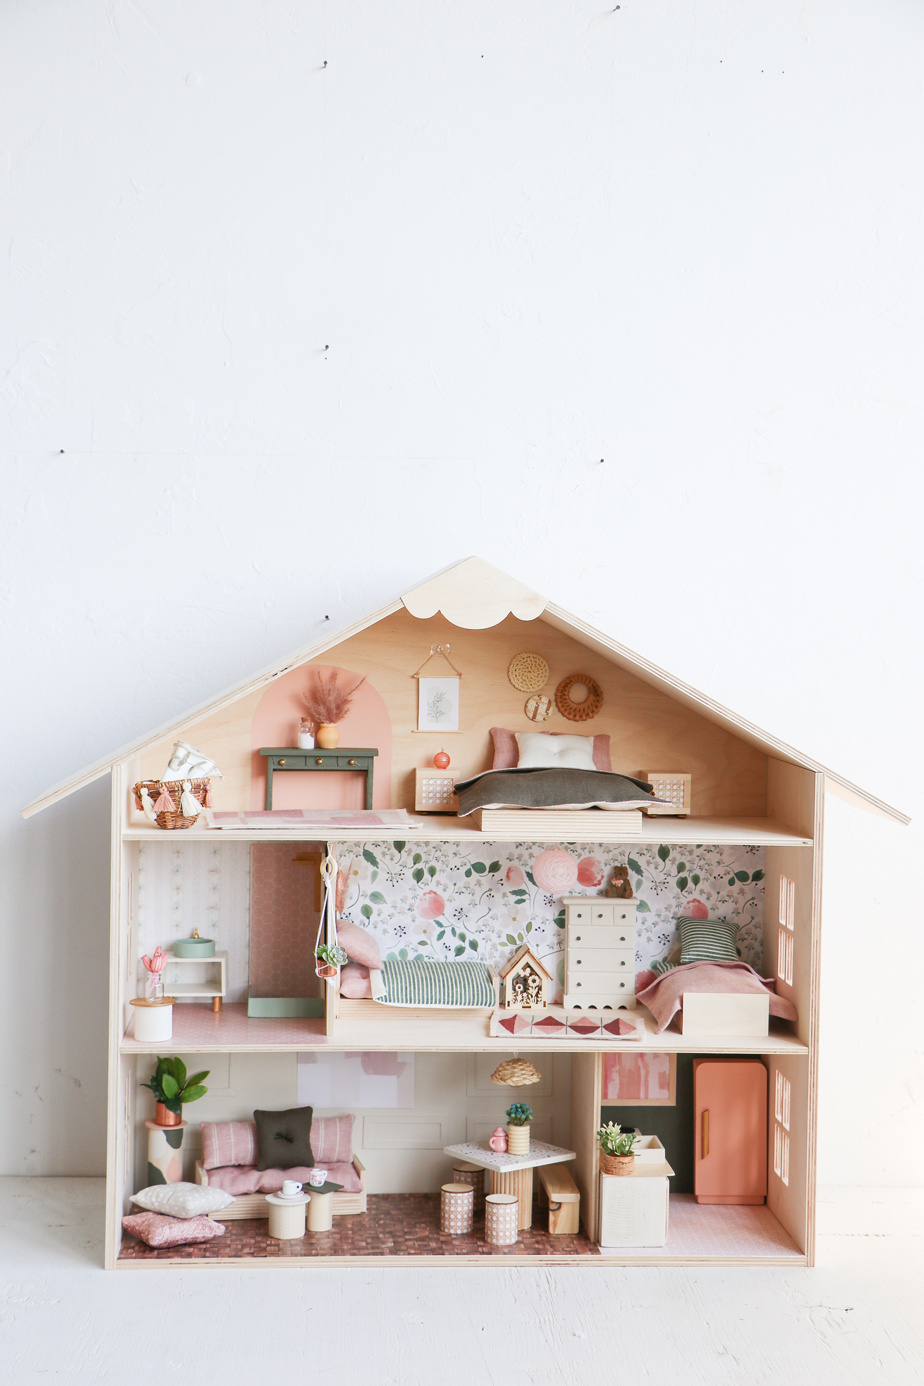 Dans la catégorie Enfants, c'est la maison de poupée La printanière du Mini atelier qui a été le coup de cœur dupublic.